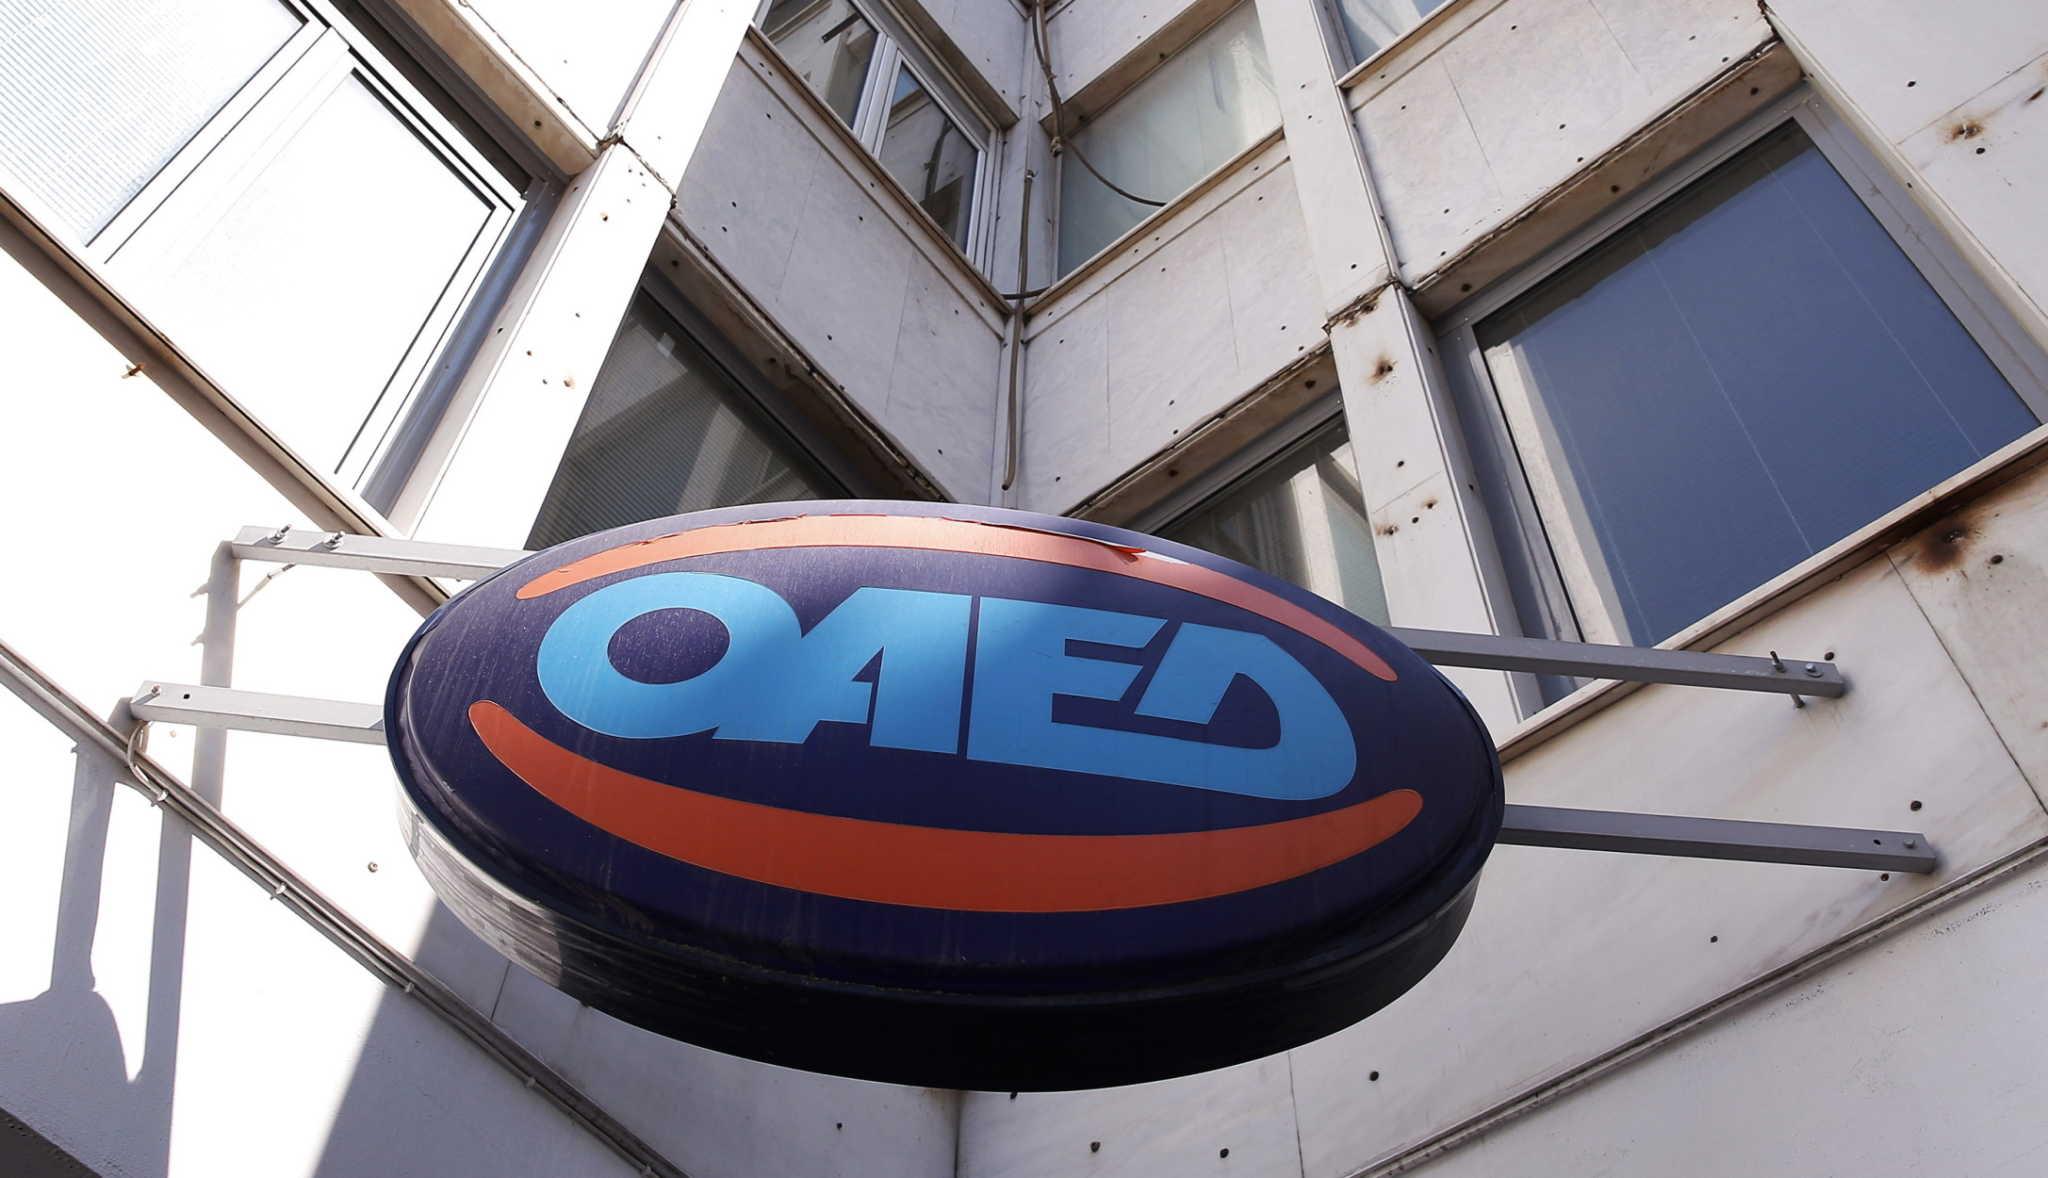 ΟΑΕΔ: Παράταση για τη ρύθμιση οφειλών δικαιούχων εργατικής κατοικίας